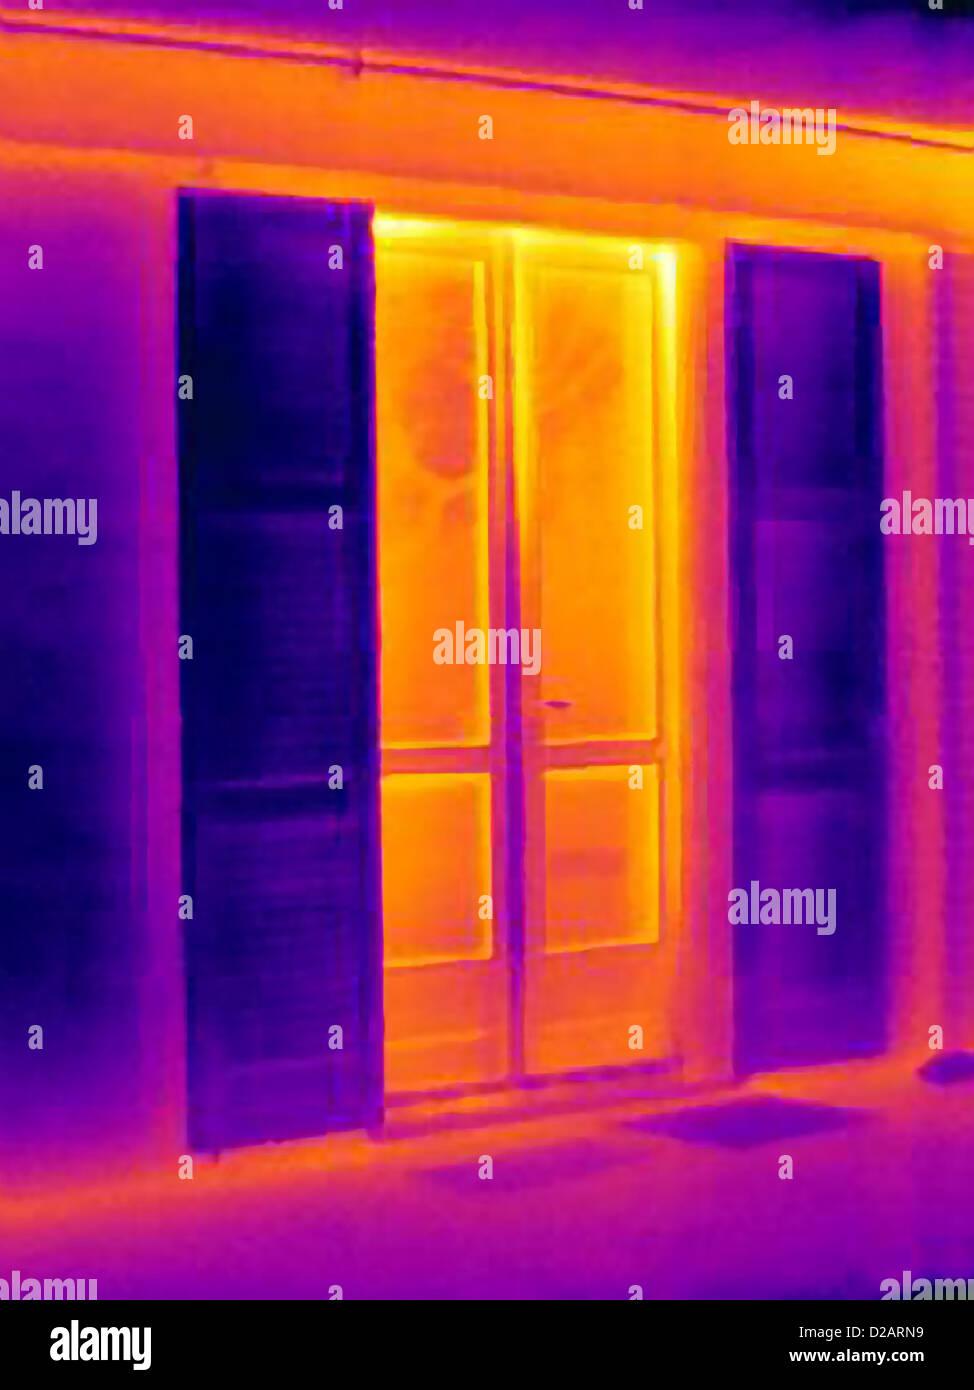 Wärmebild von Türen Stockbild